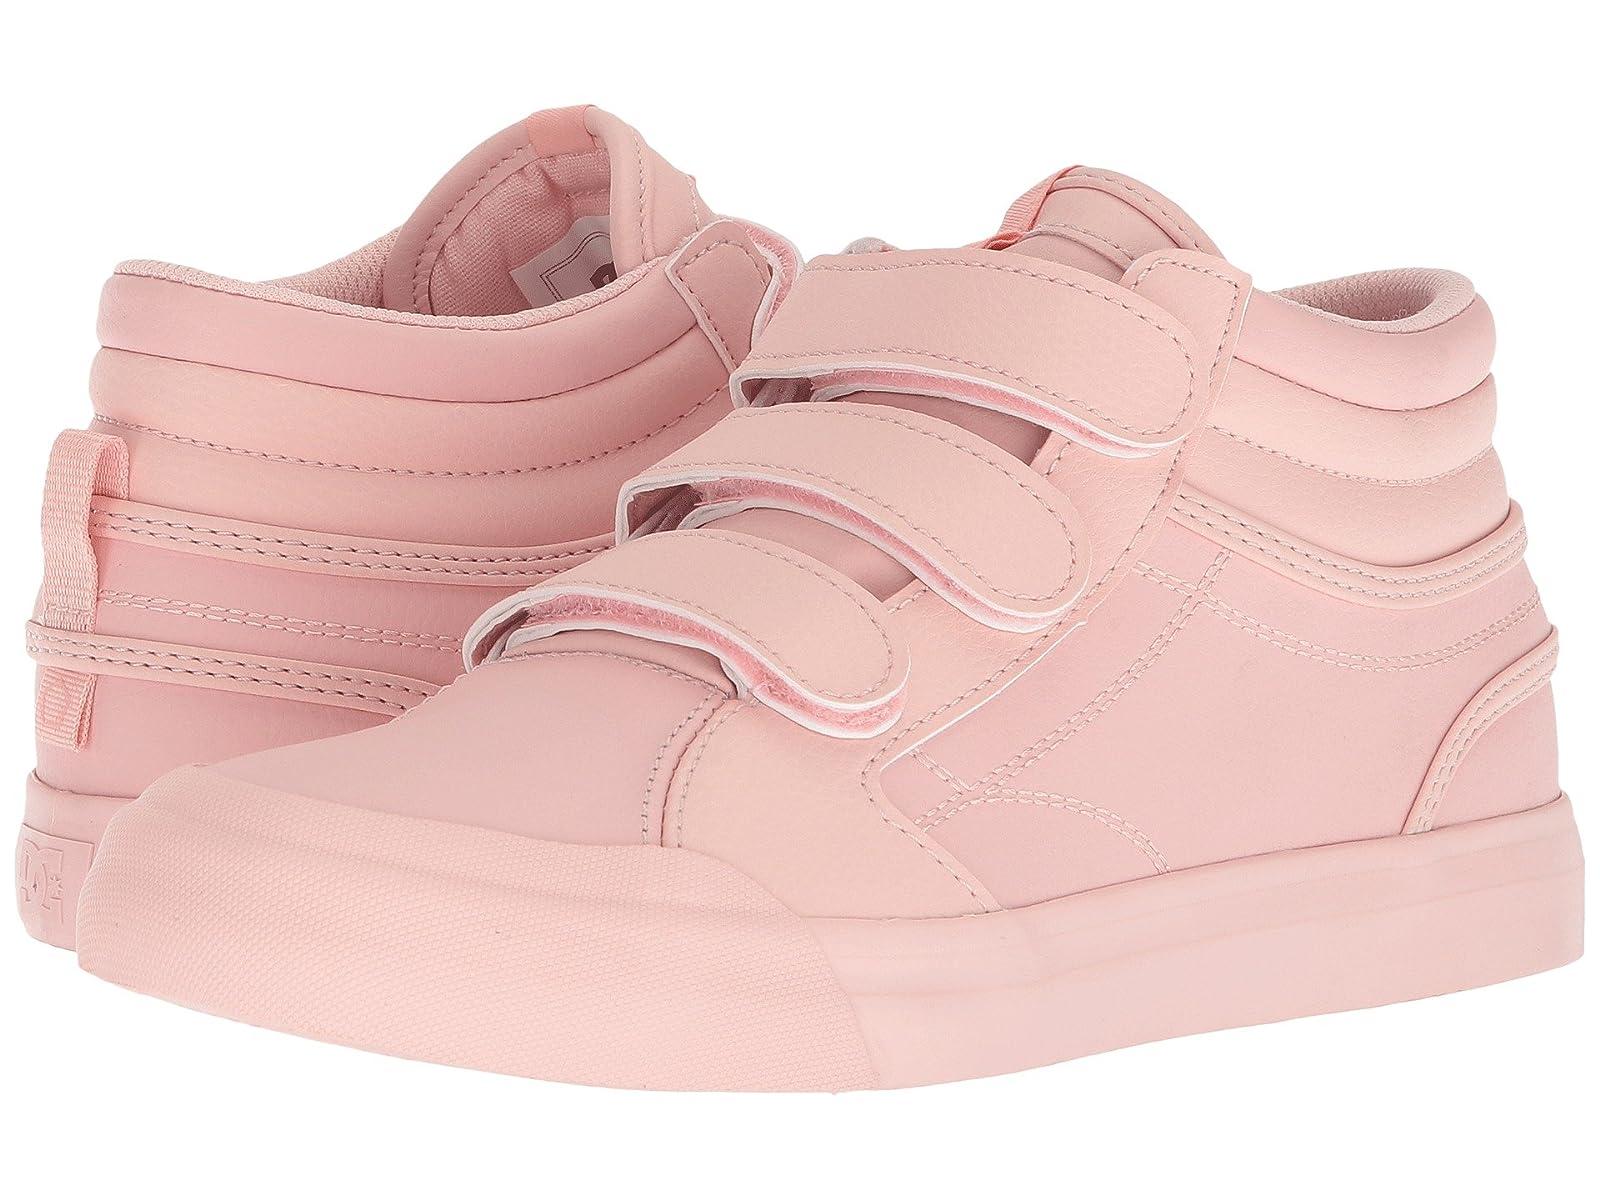 DC Evan Hi V SEAtmospheric grades have affordable shoes